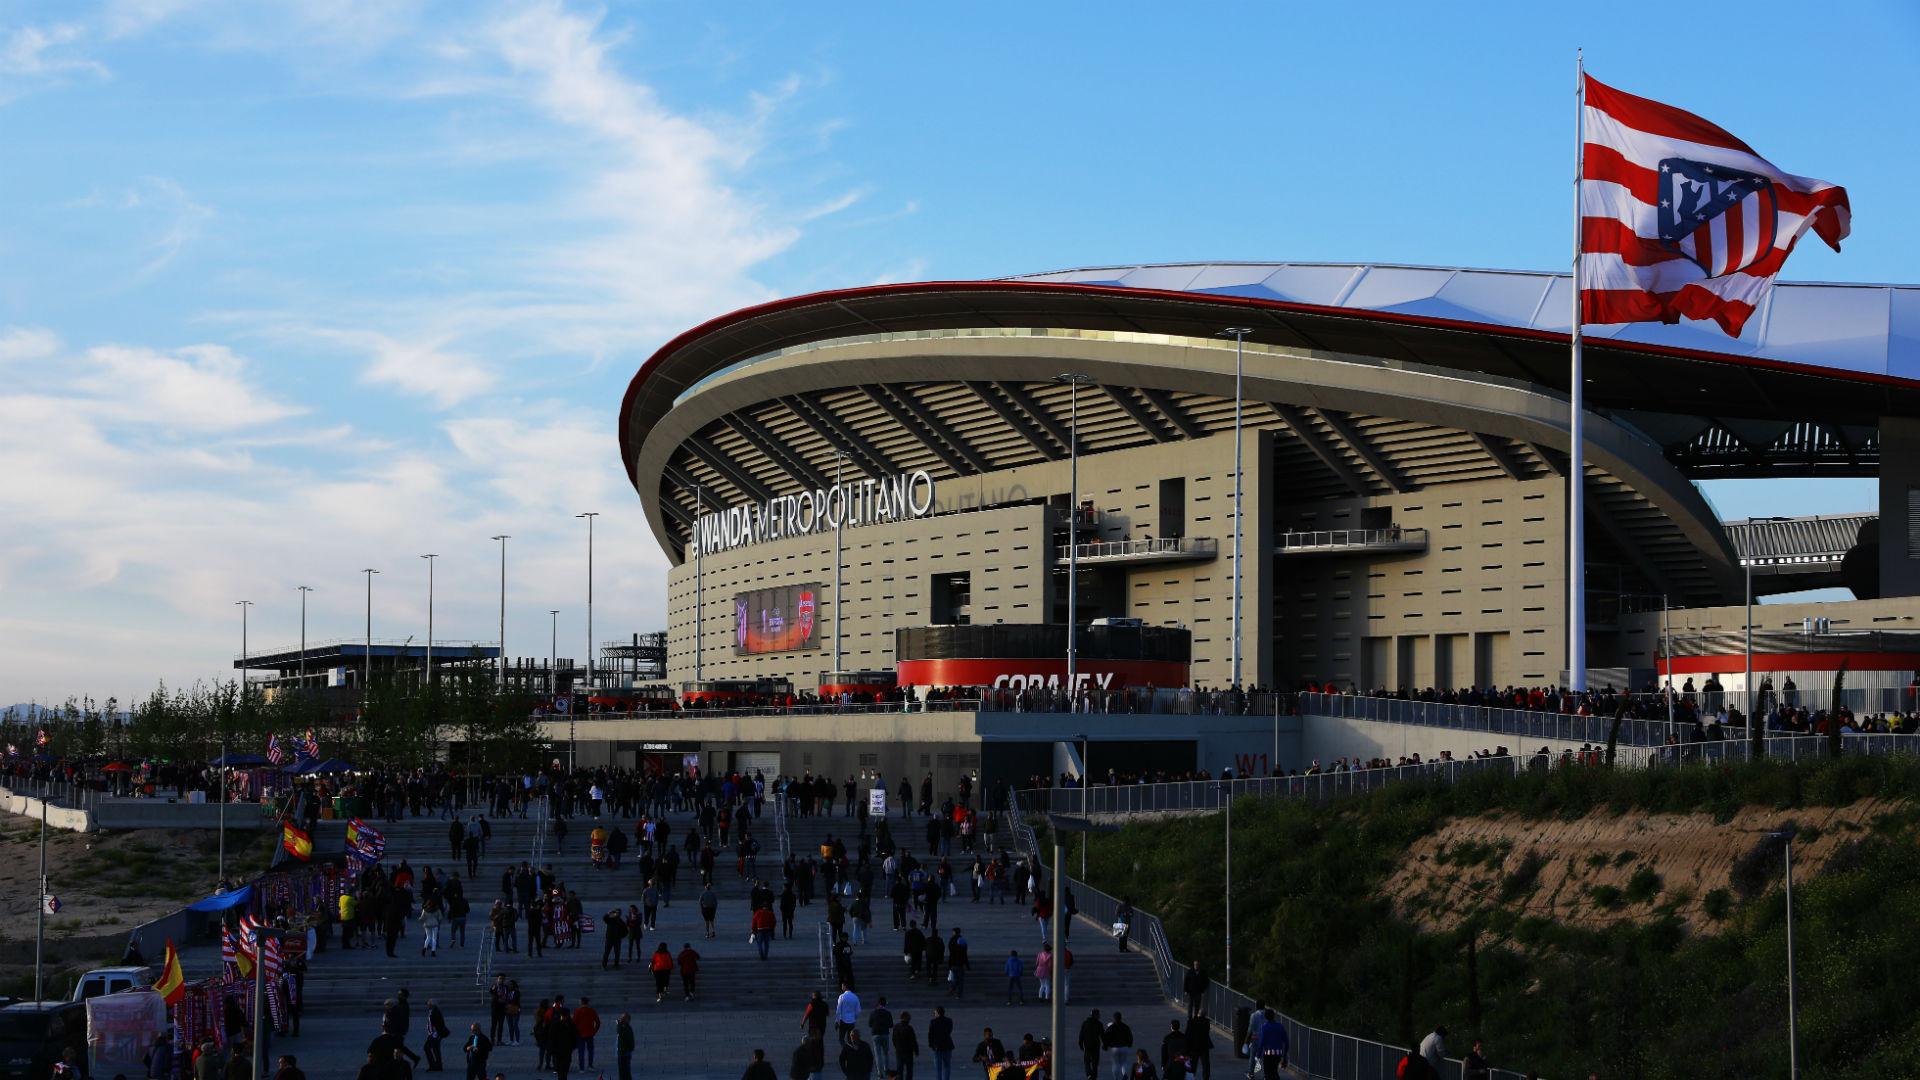 Wanda Metropolitano general view